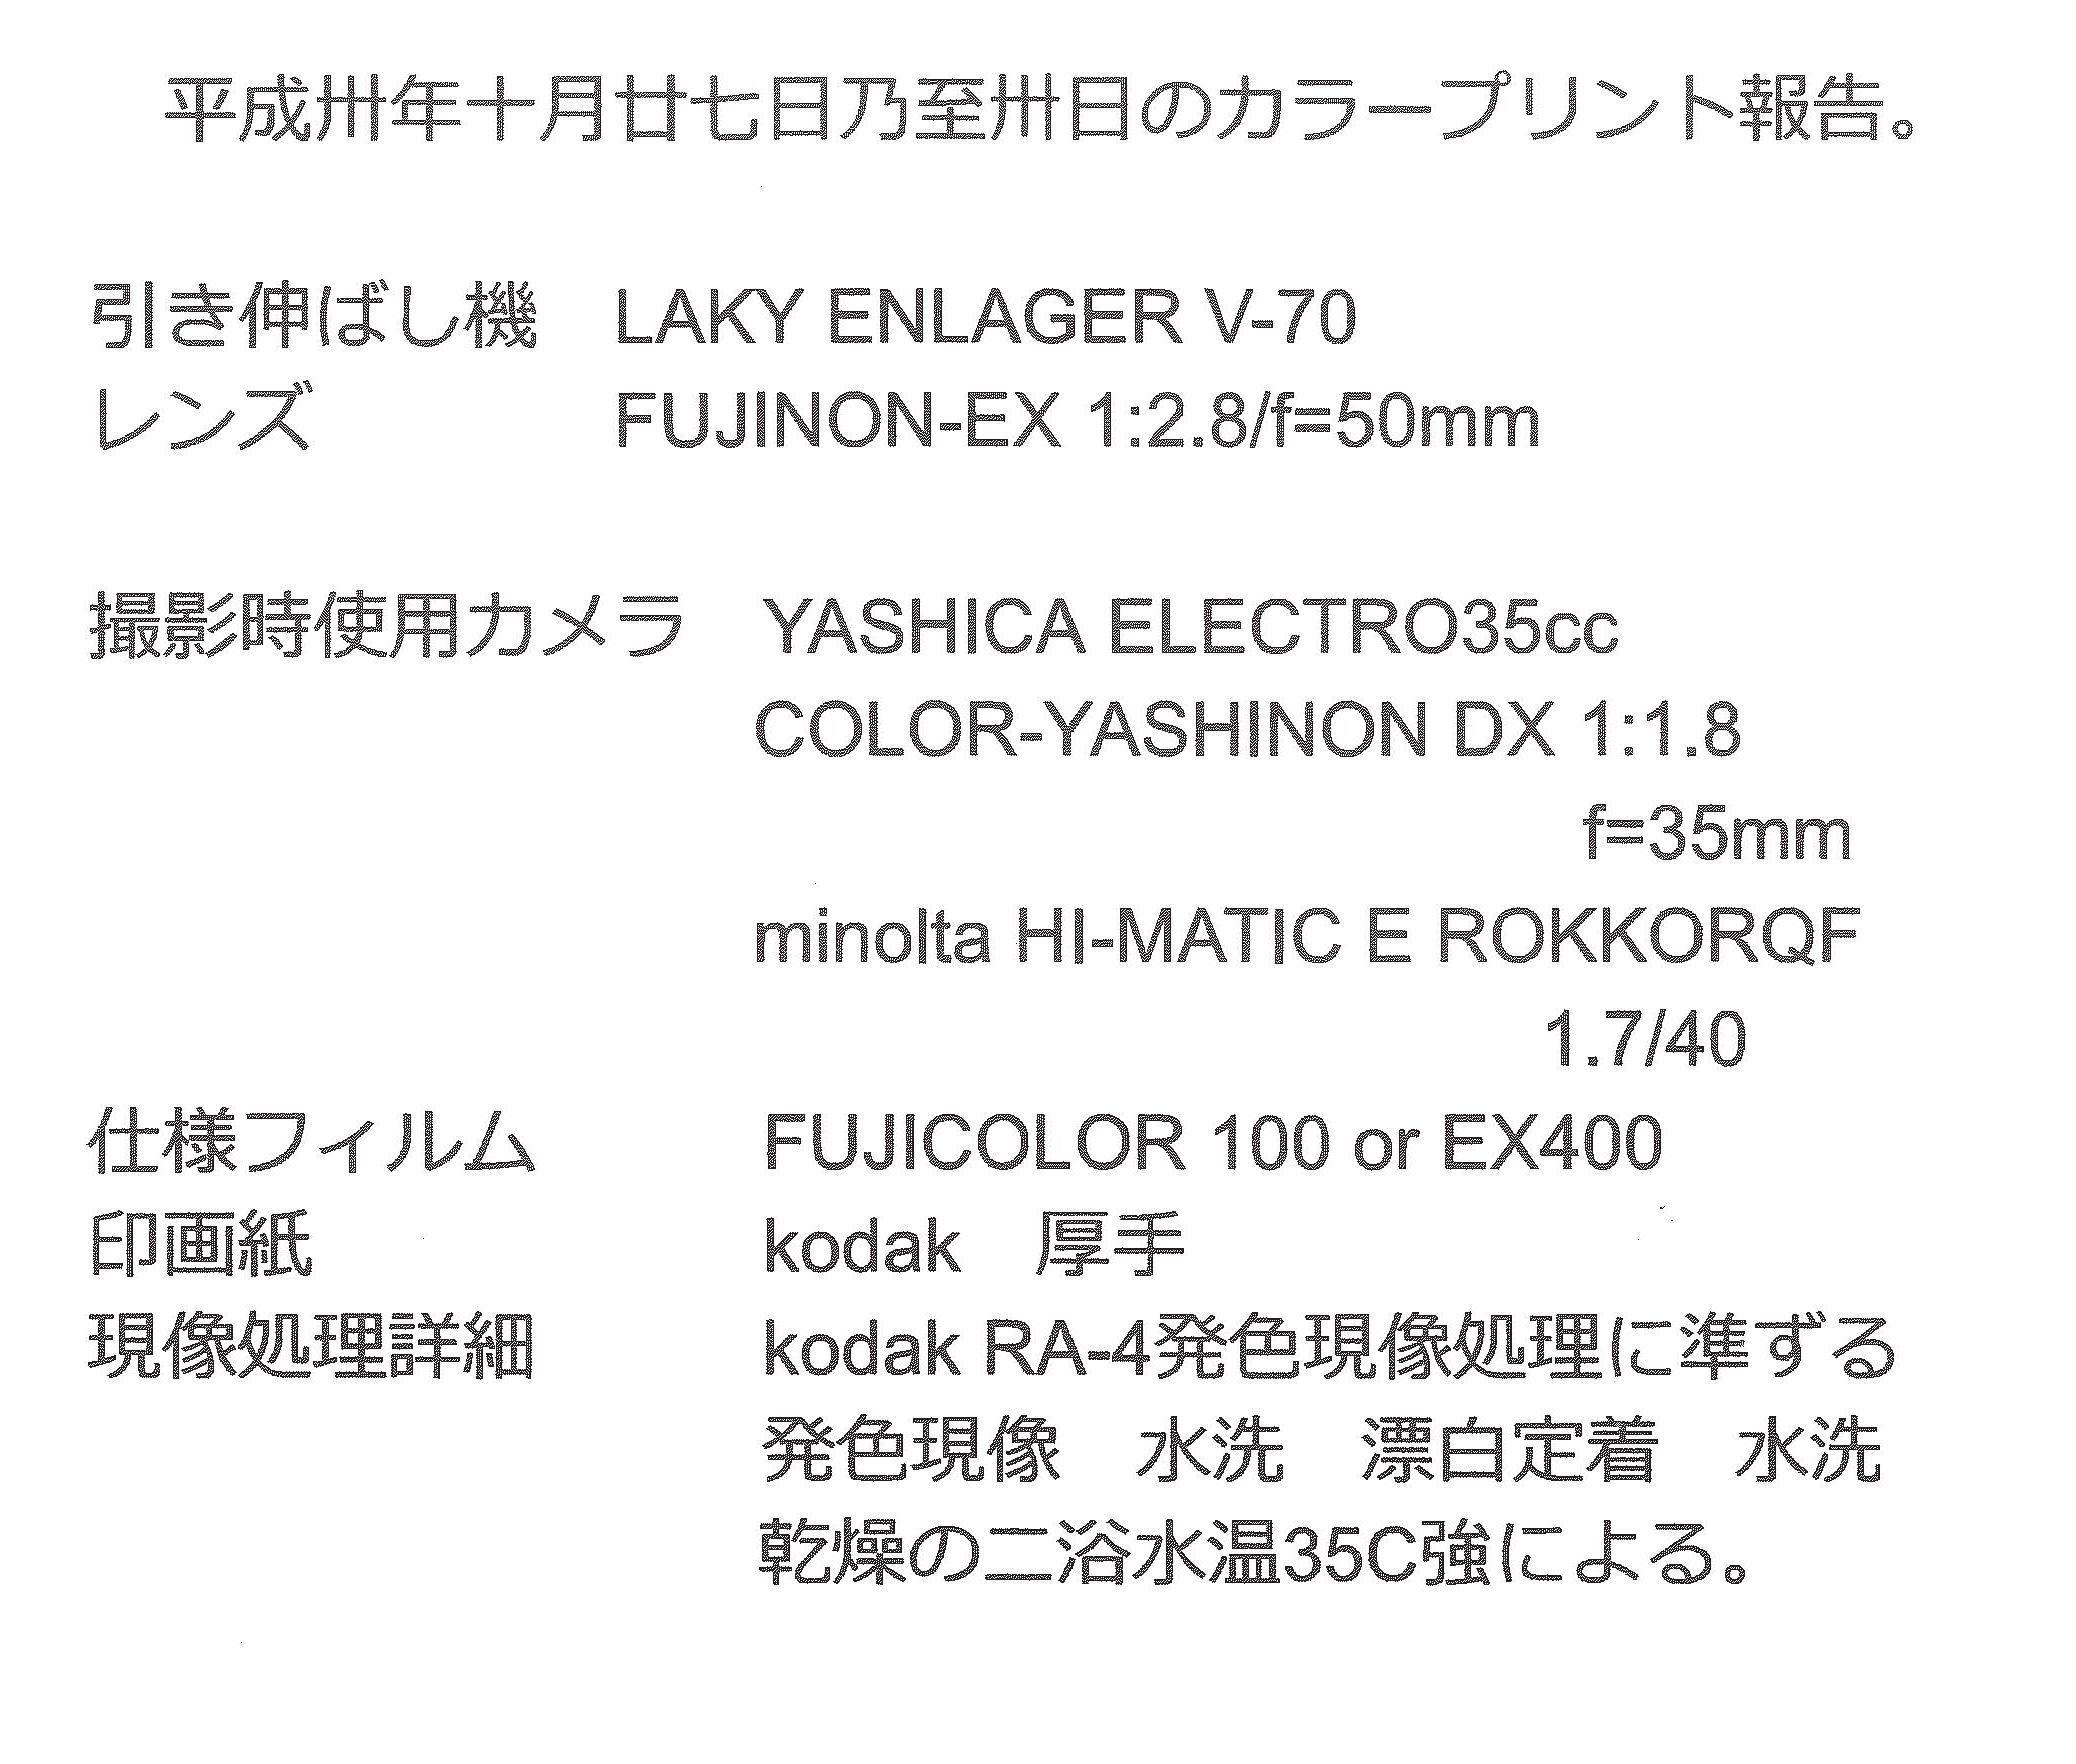 第9回 好きやねん大阪カメラ倶楽部 例会報告_d0138130_18173469.jpg